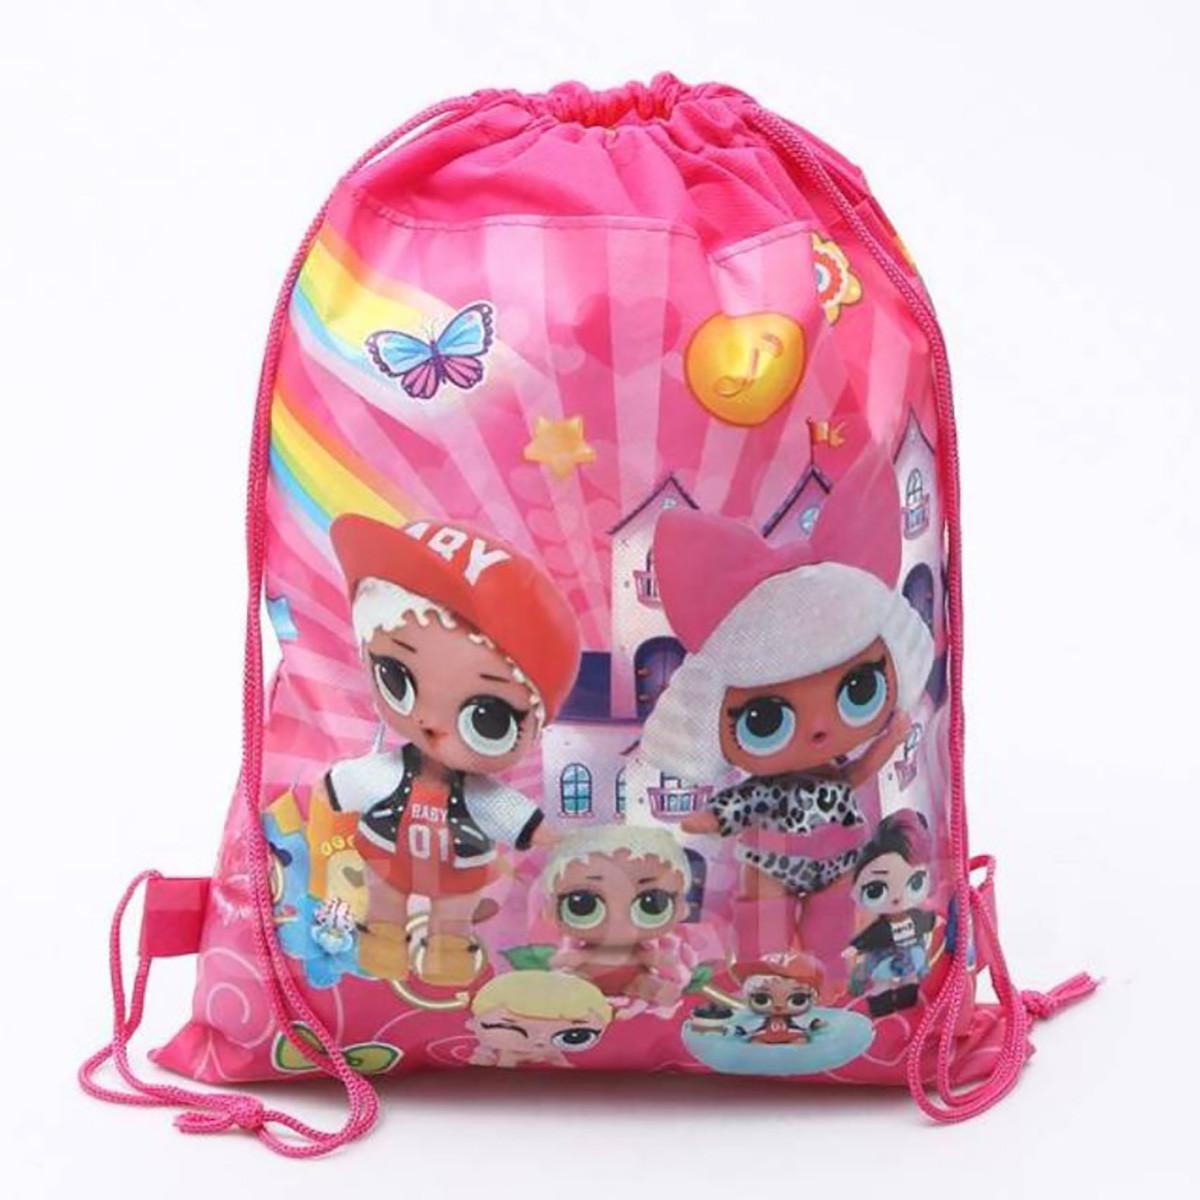 b314cdff7723 Рюкзак-мешок для игрушек Кукол ЛОЛ, обуви, одежды Подарочная Сумка пупси LOL